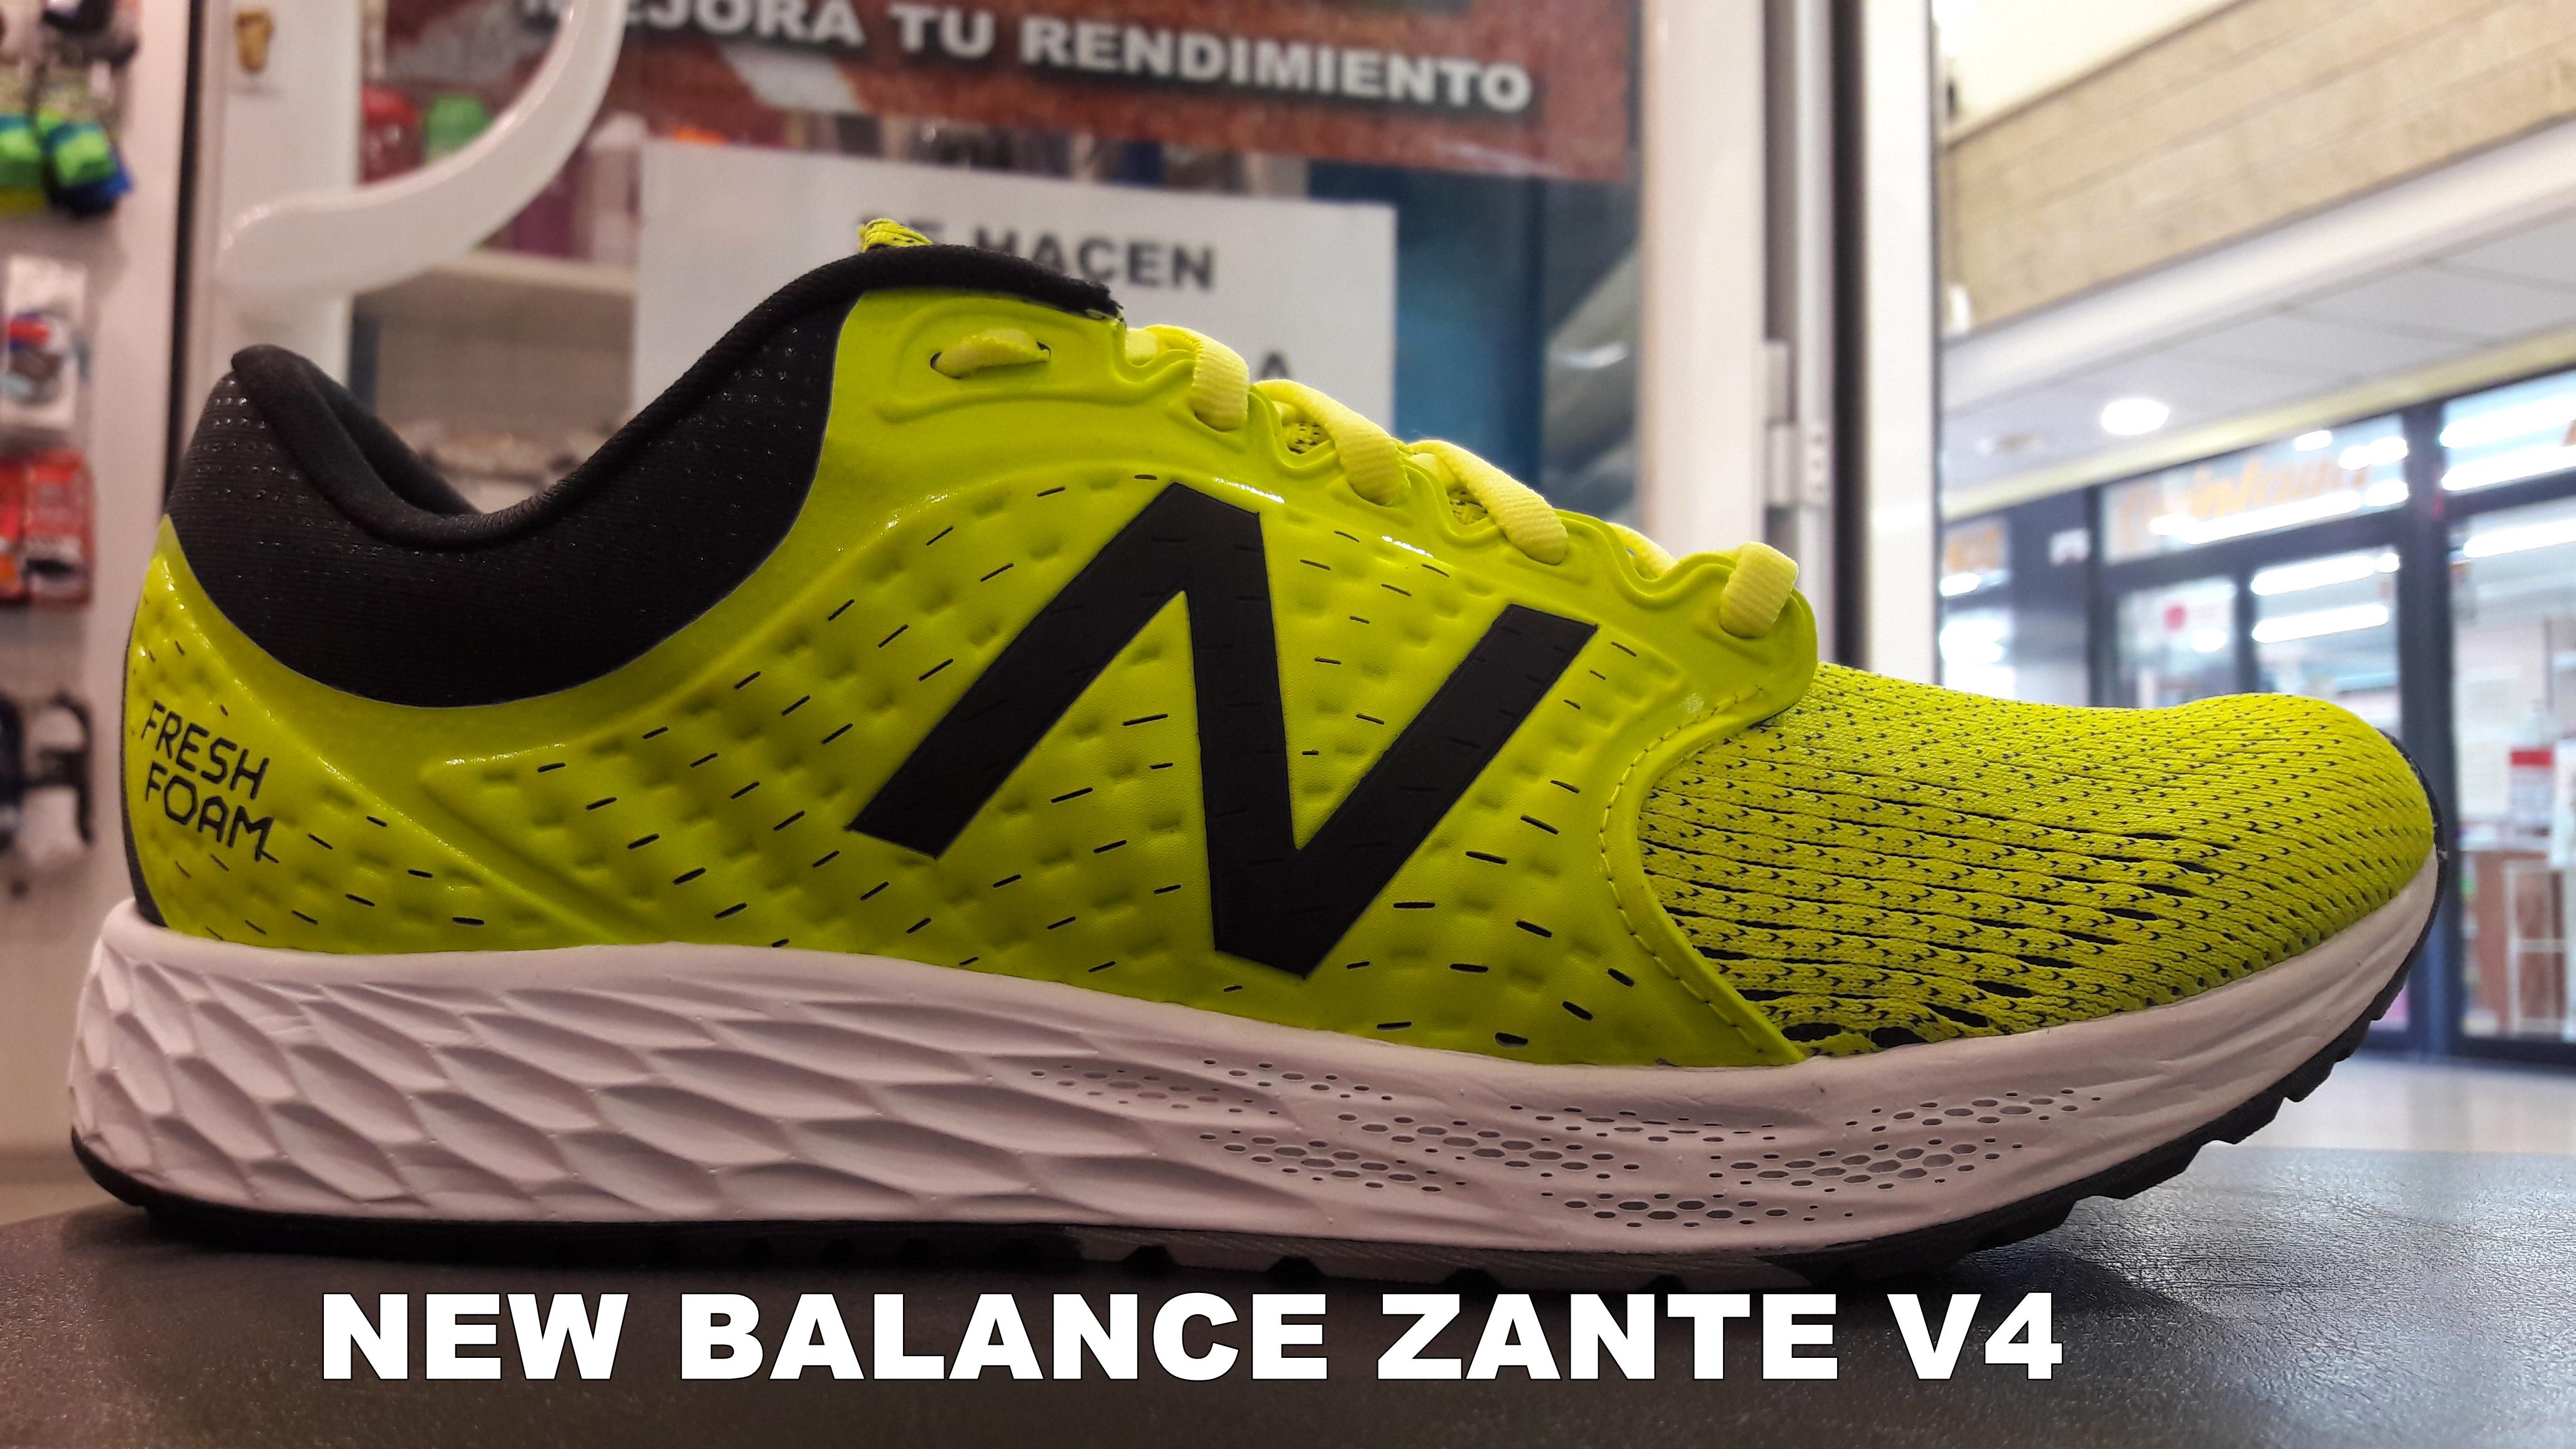 Zante Tiendas Madrid De Balance V4 En Running New Nn80wZOPXk